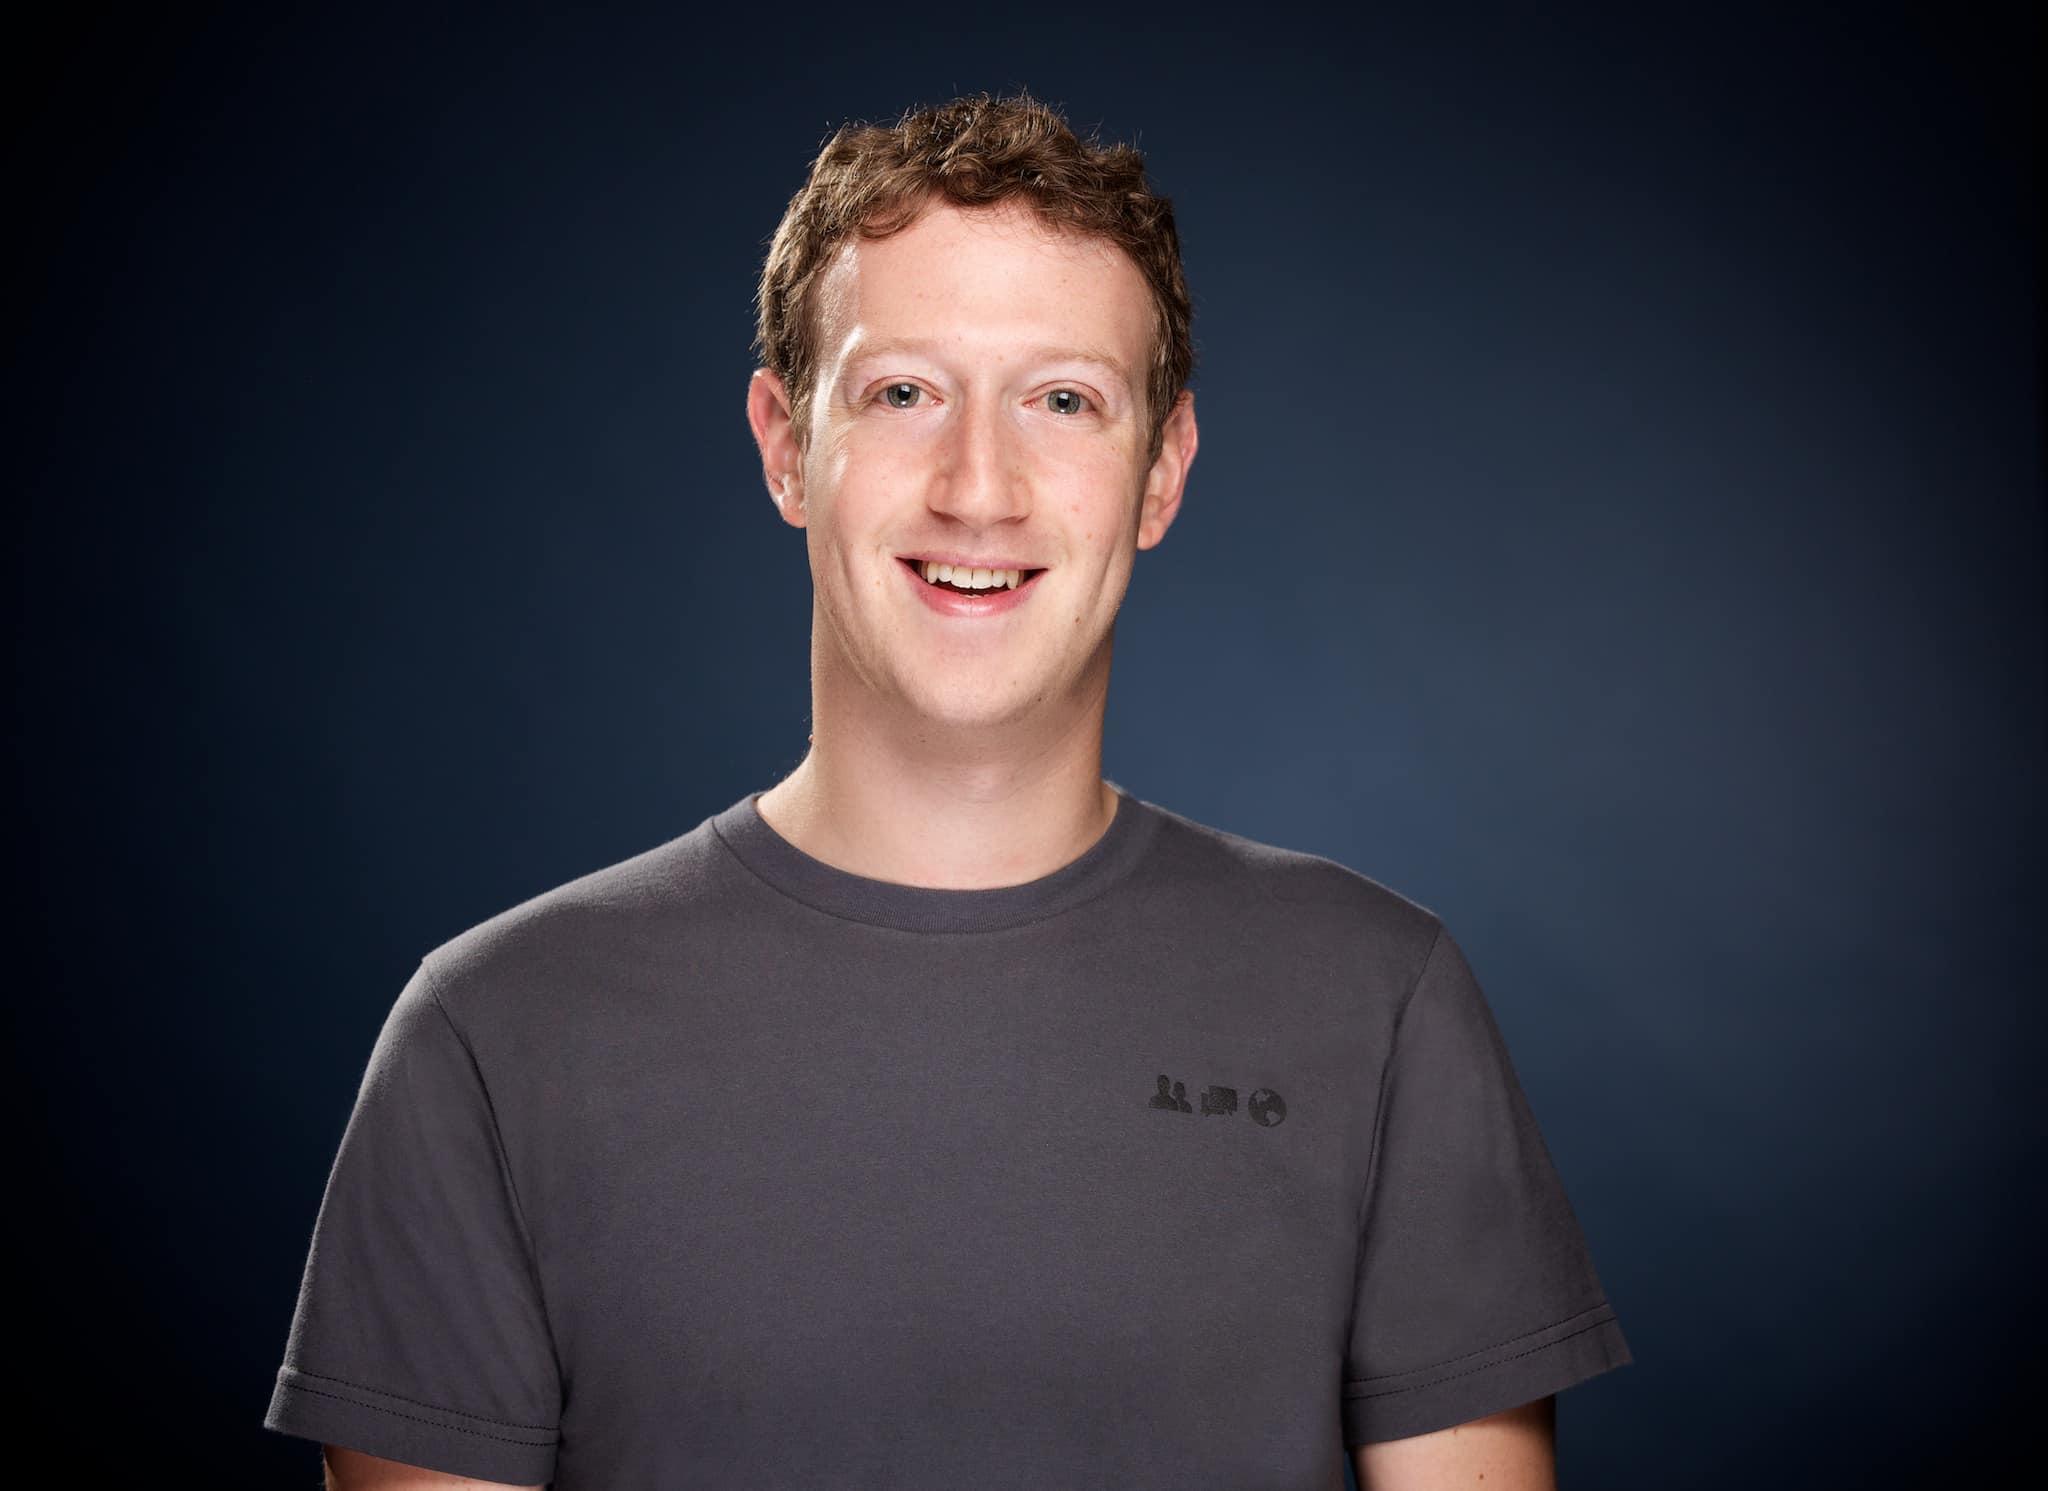 Mark Zuckerberg ruft zu mehr Offenheit im Umgang mit Fehlgeburten auf ...